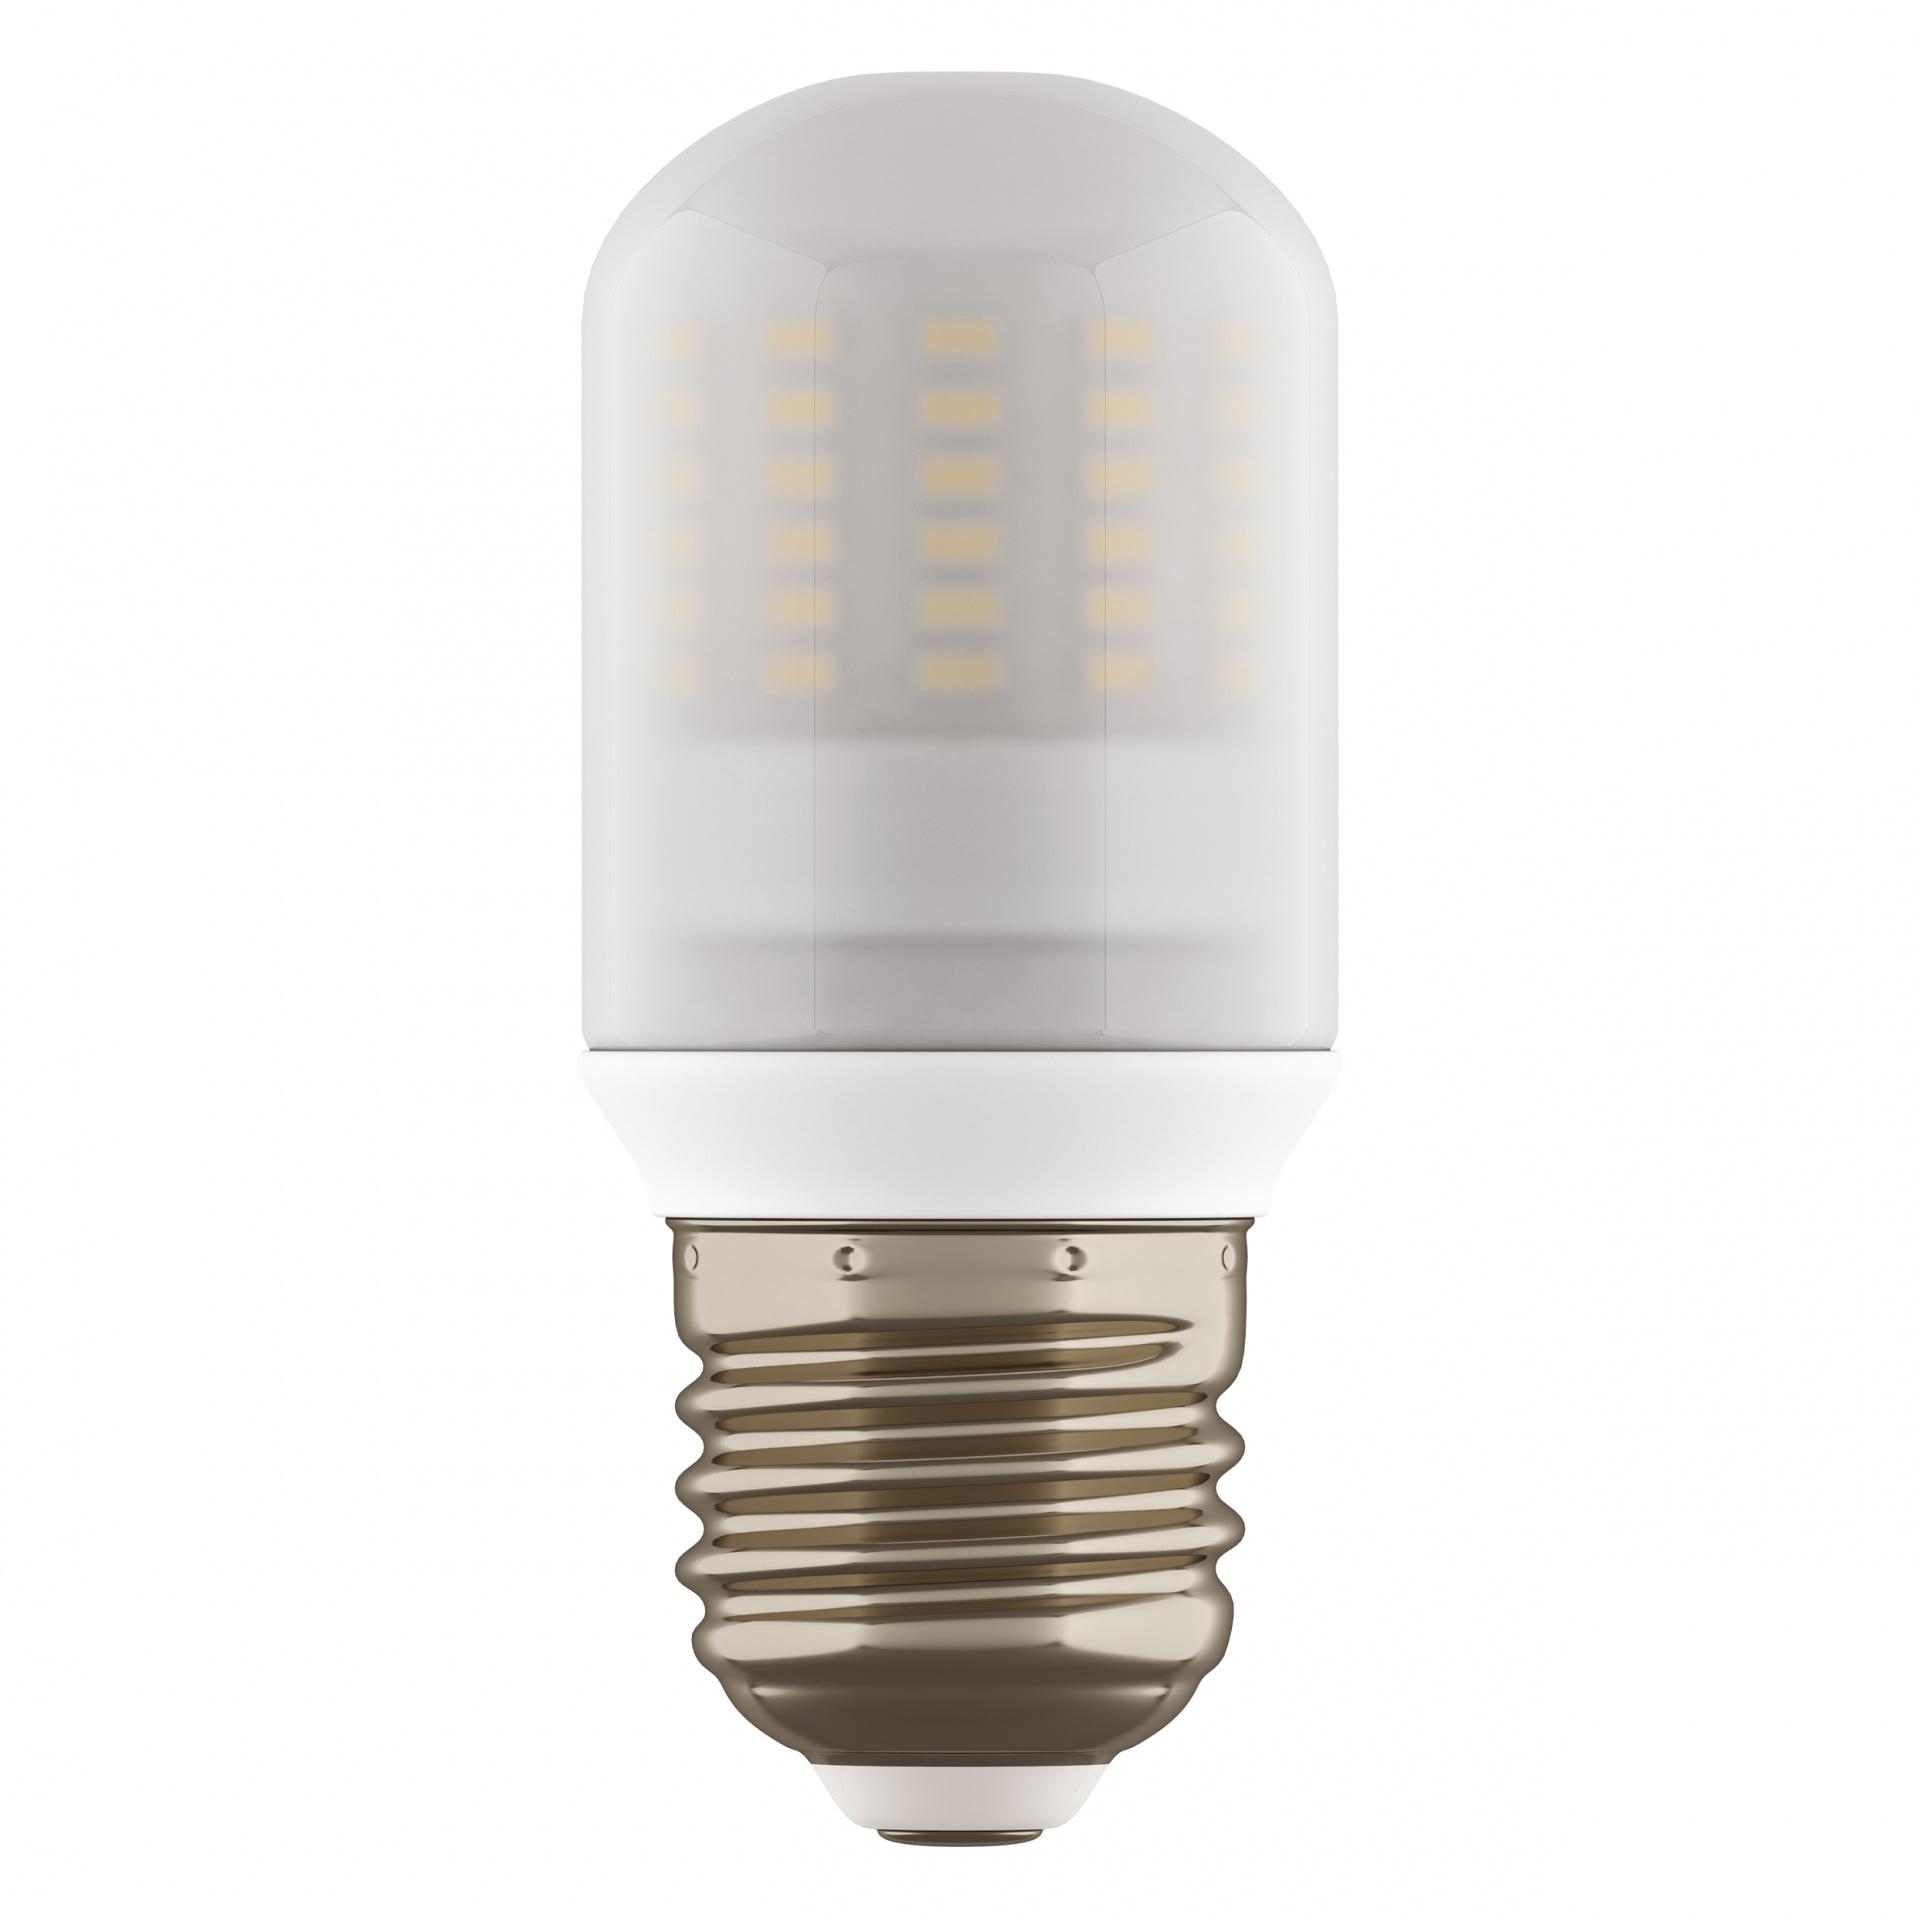 Лампа LED 220V T35 E27 9W=90W 770LM 360G FR 4000K 20000H Lightstar 930914, купить в СПб, Москве, с доставкой, Санкт-Петербург, интернет-магазин люстр и светильников Starlight, фото в жизни